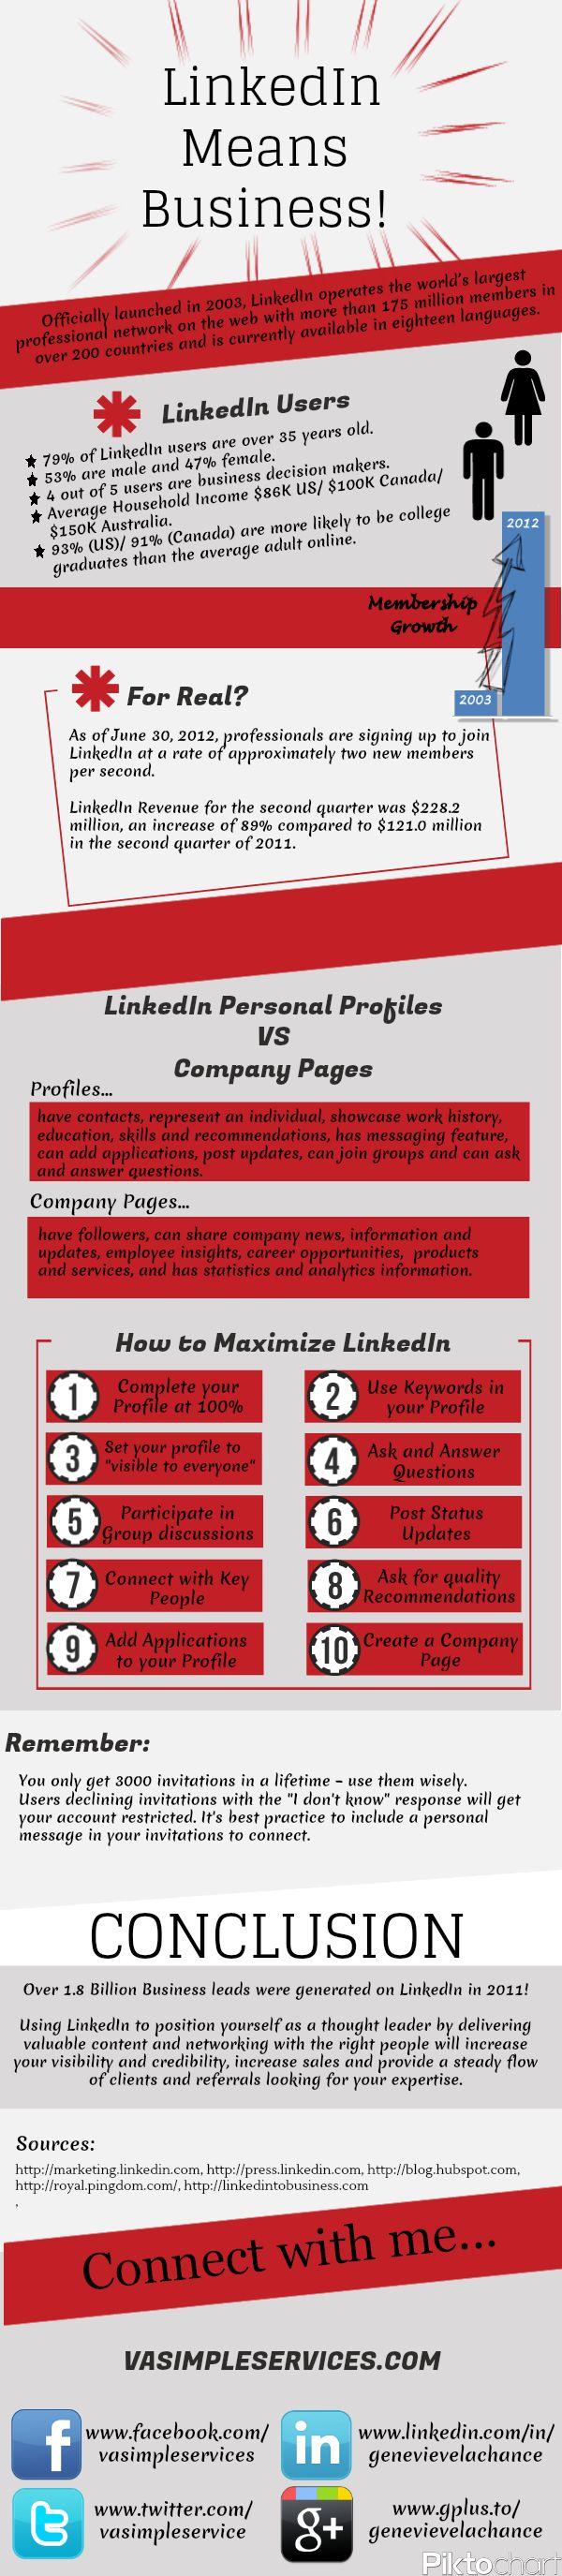 Linkedin significa negocio #infografia #infographic #socialmedia | TICs y Formación